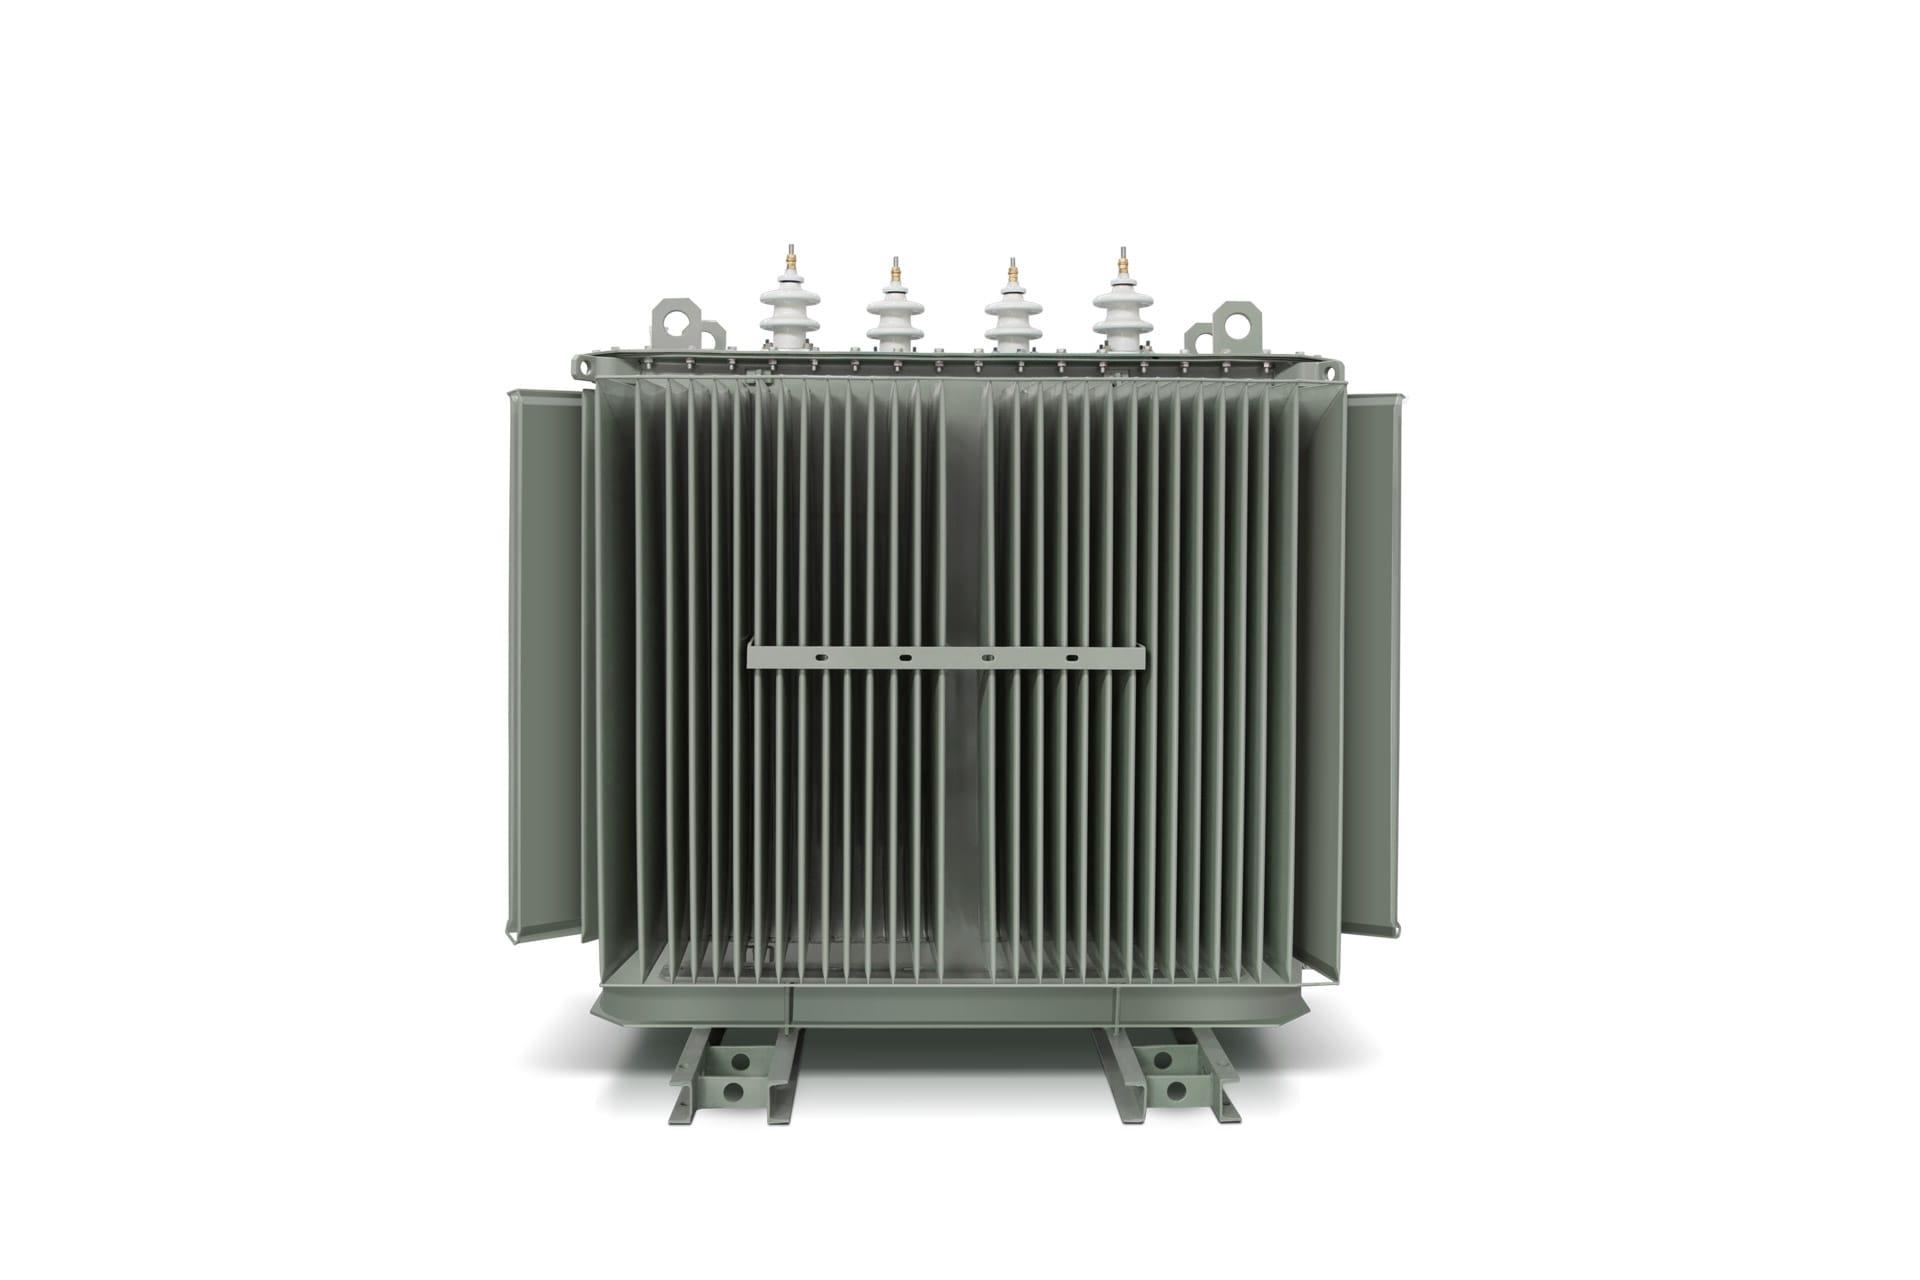 Ensons - Общий вид присоединительного трансформатора ФМЗО